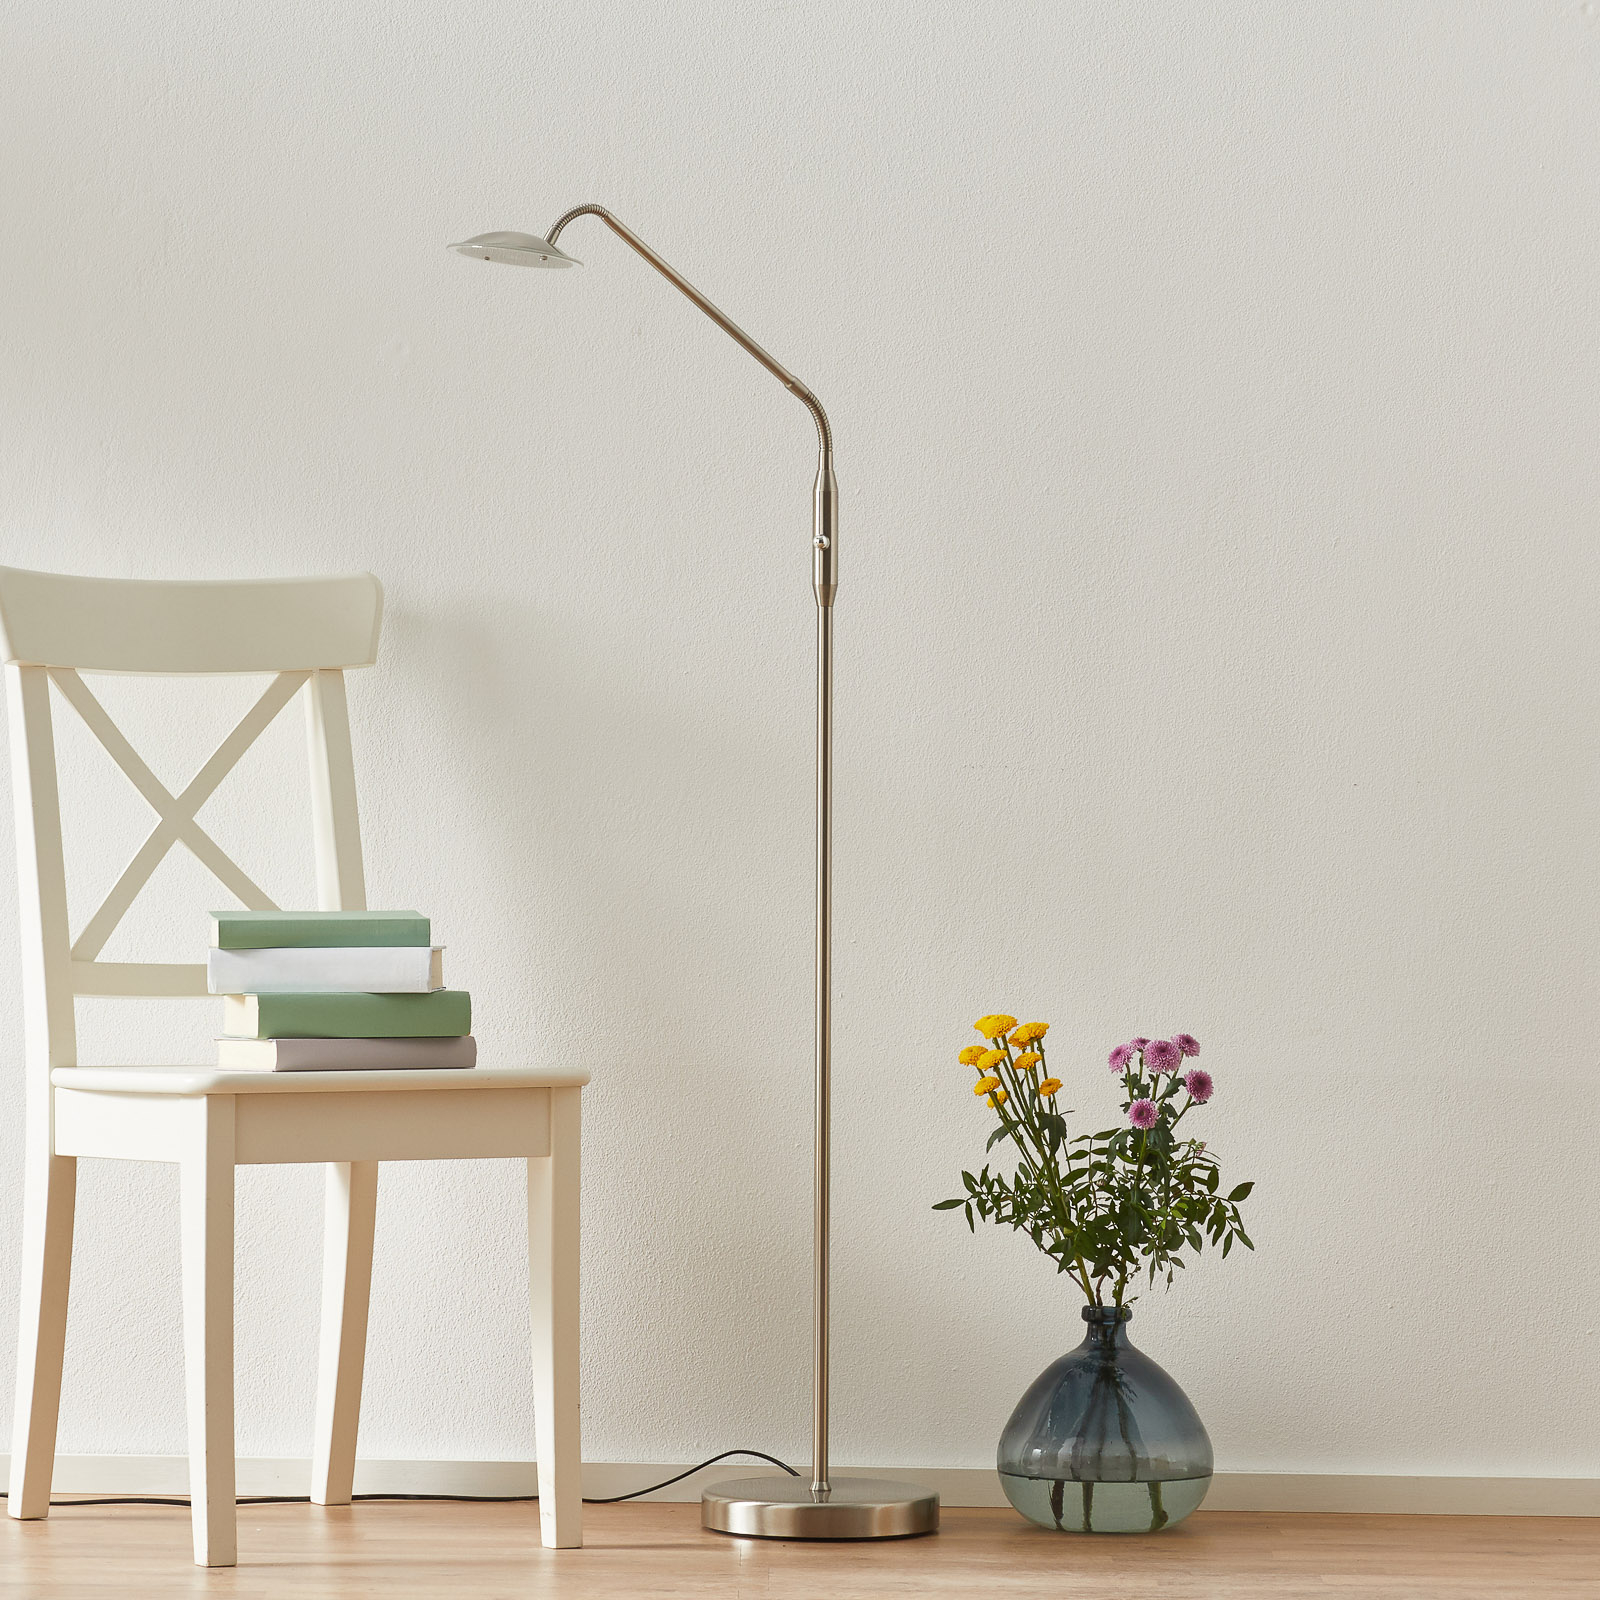 LED-lattiavalaisin Twin, 1-lamppuinen, nikkeli